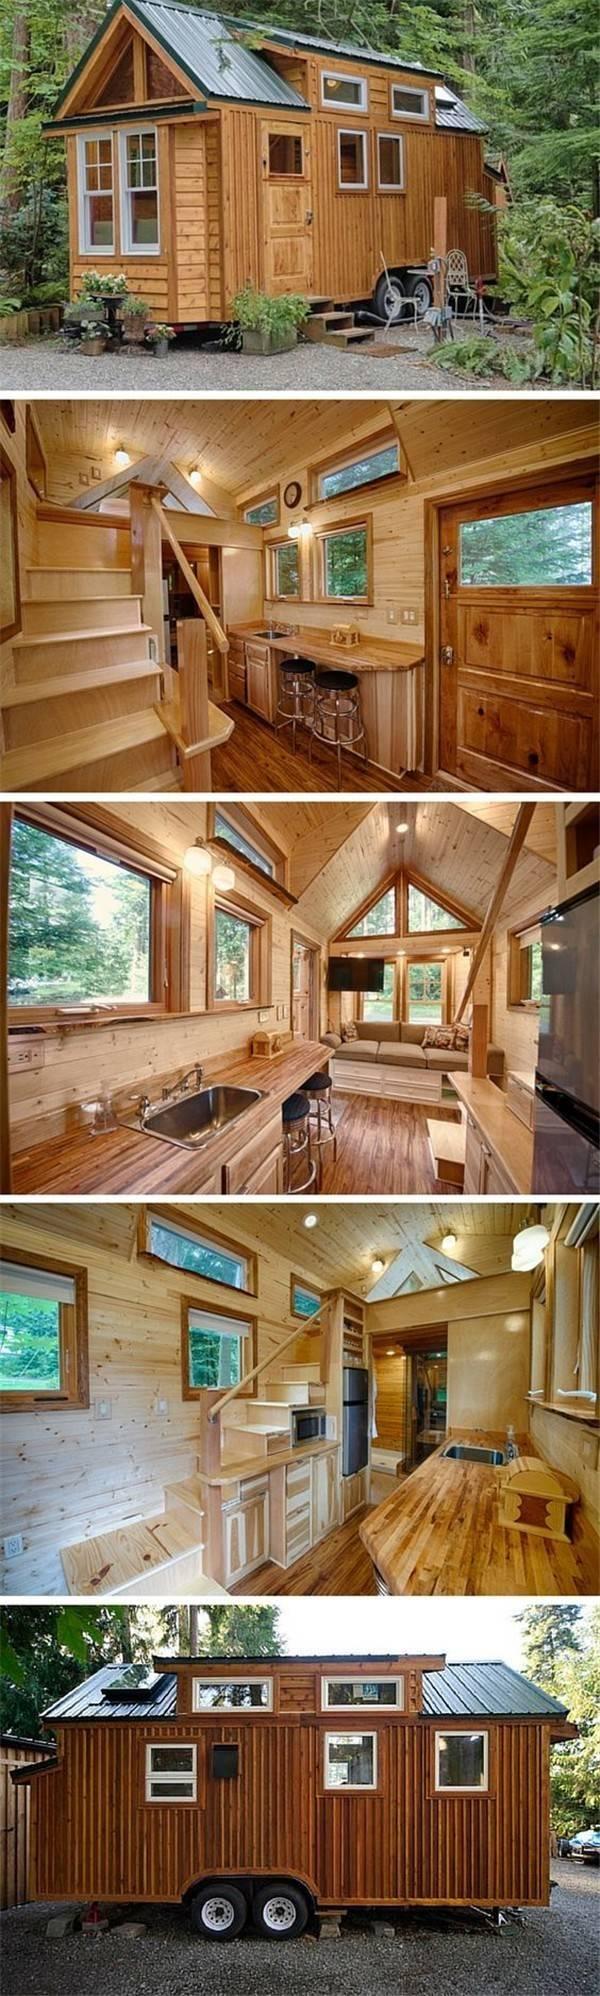 你们都想要大别墅,外国人却只想要这样的小房子!